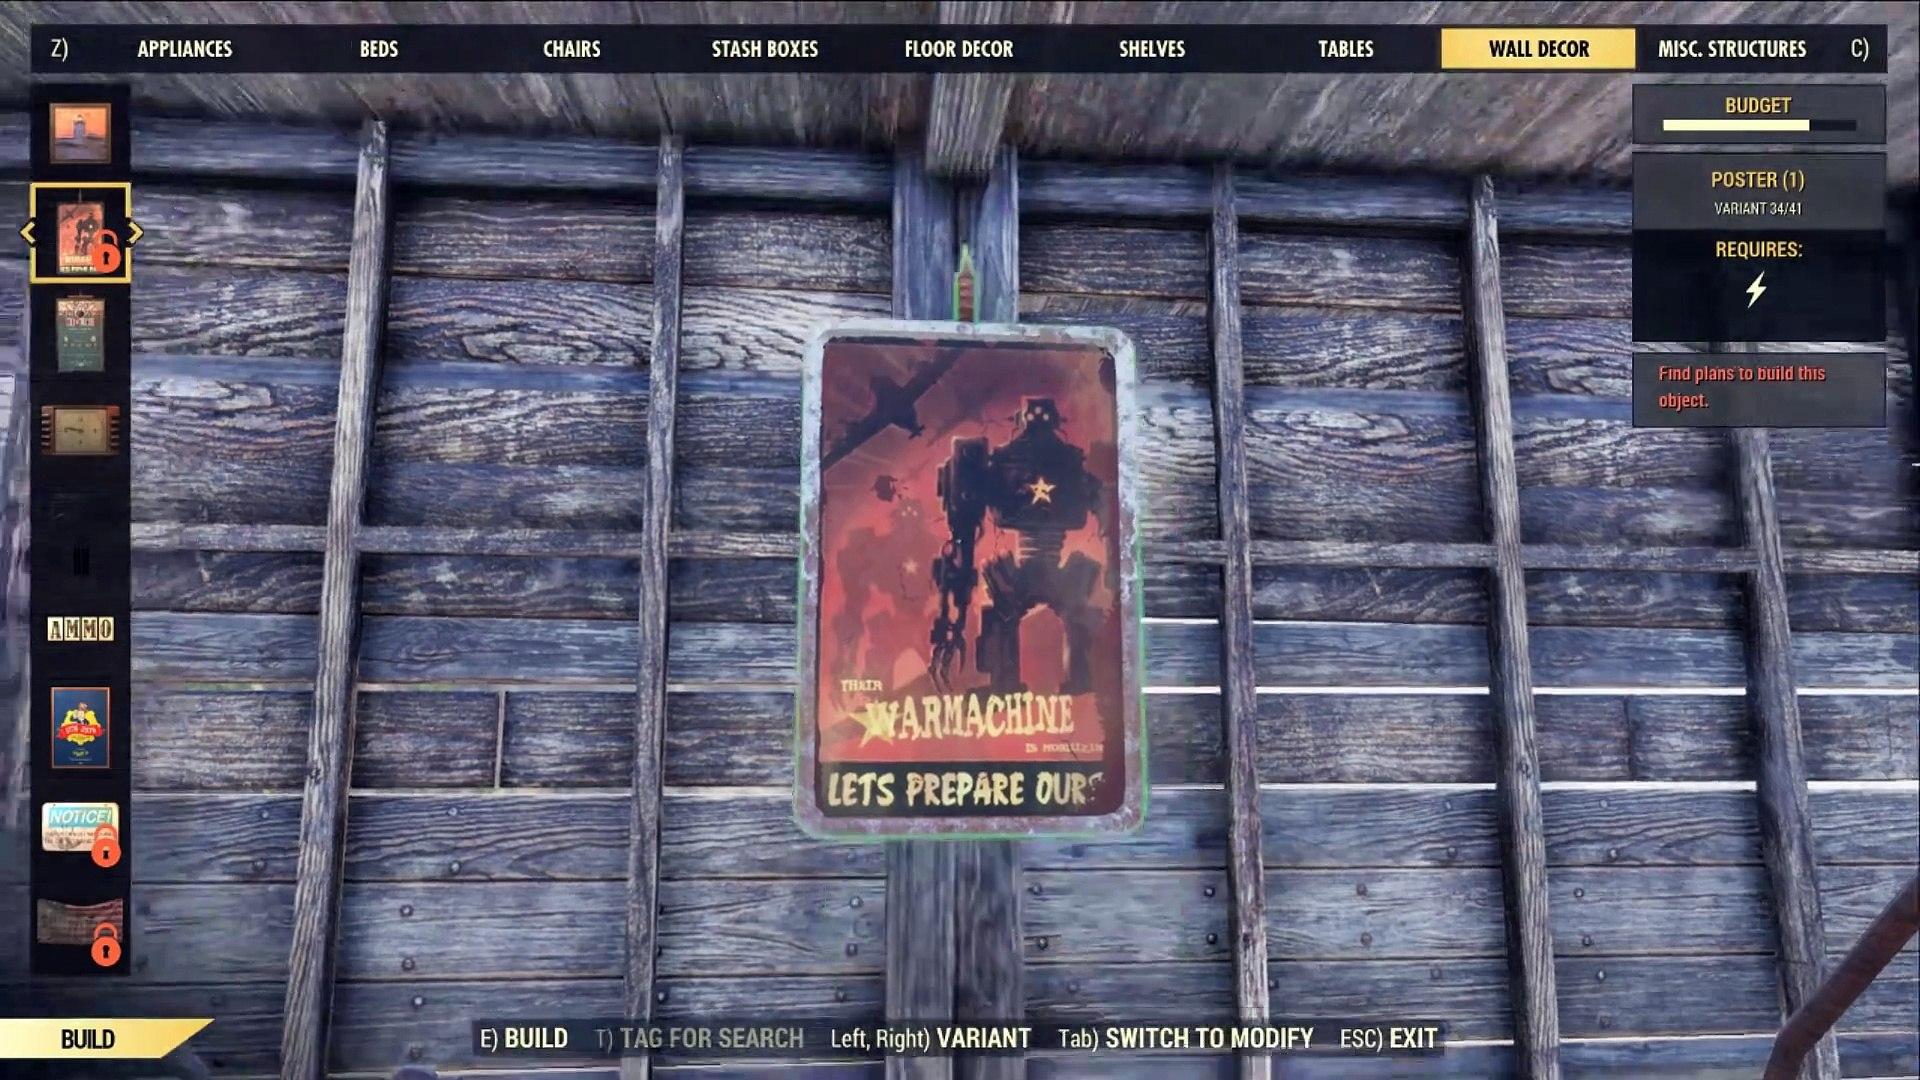 Fallout 76 Secret Glitch Guide - Build Without Plans!